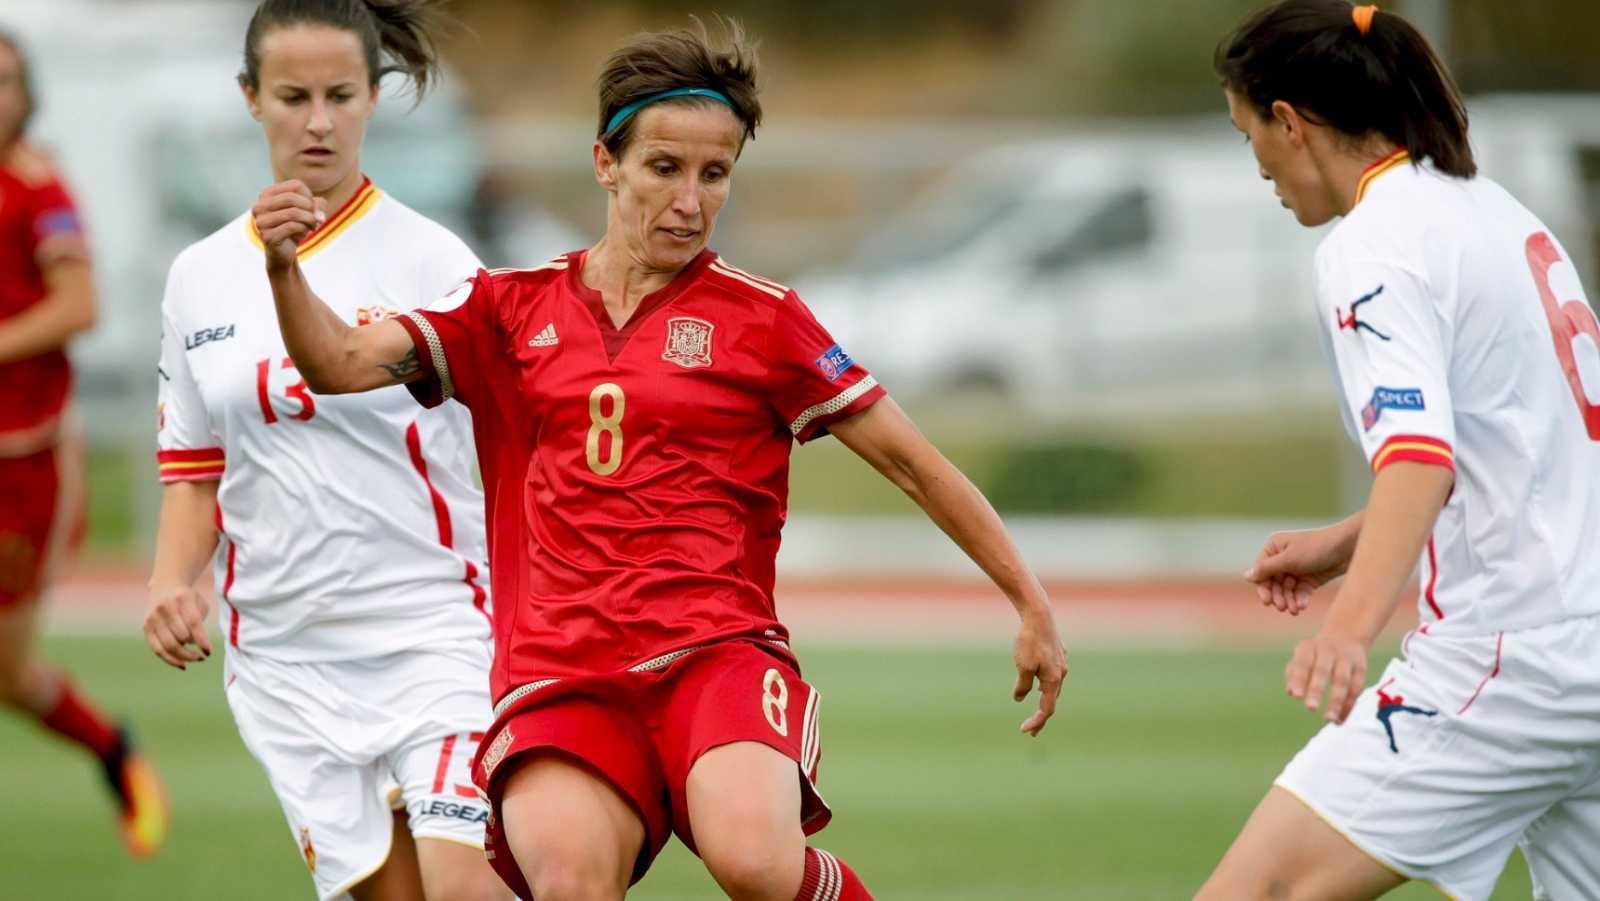 La jugadora de la selección española, Sonia Bermúdez